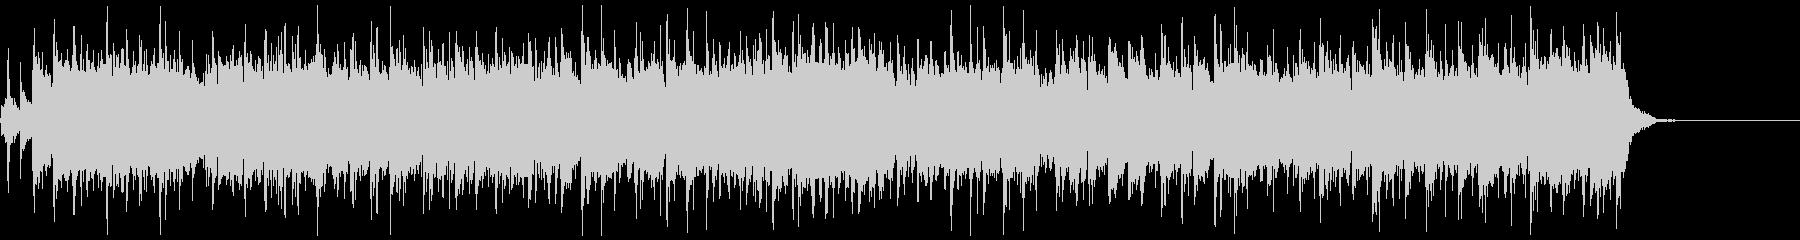 【30秒/メロなし】情熱大陸の様なBGMの未再生の波形